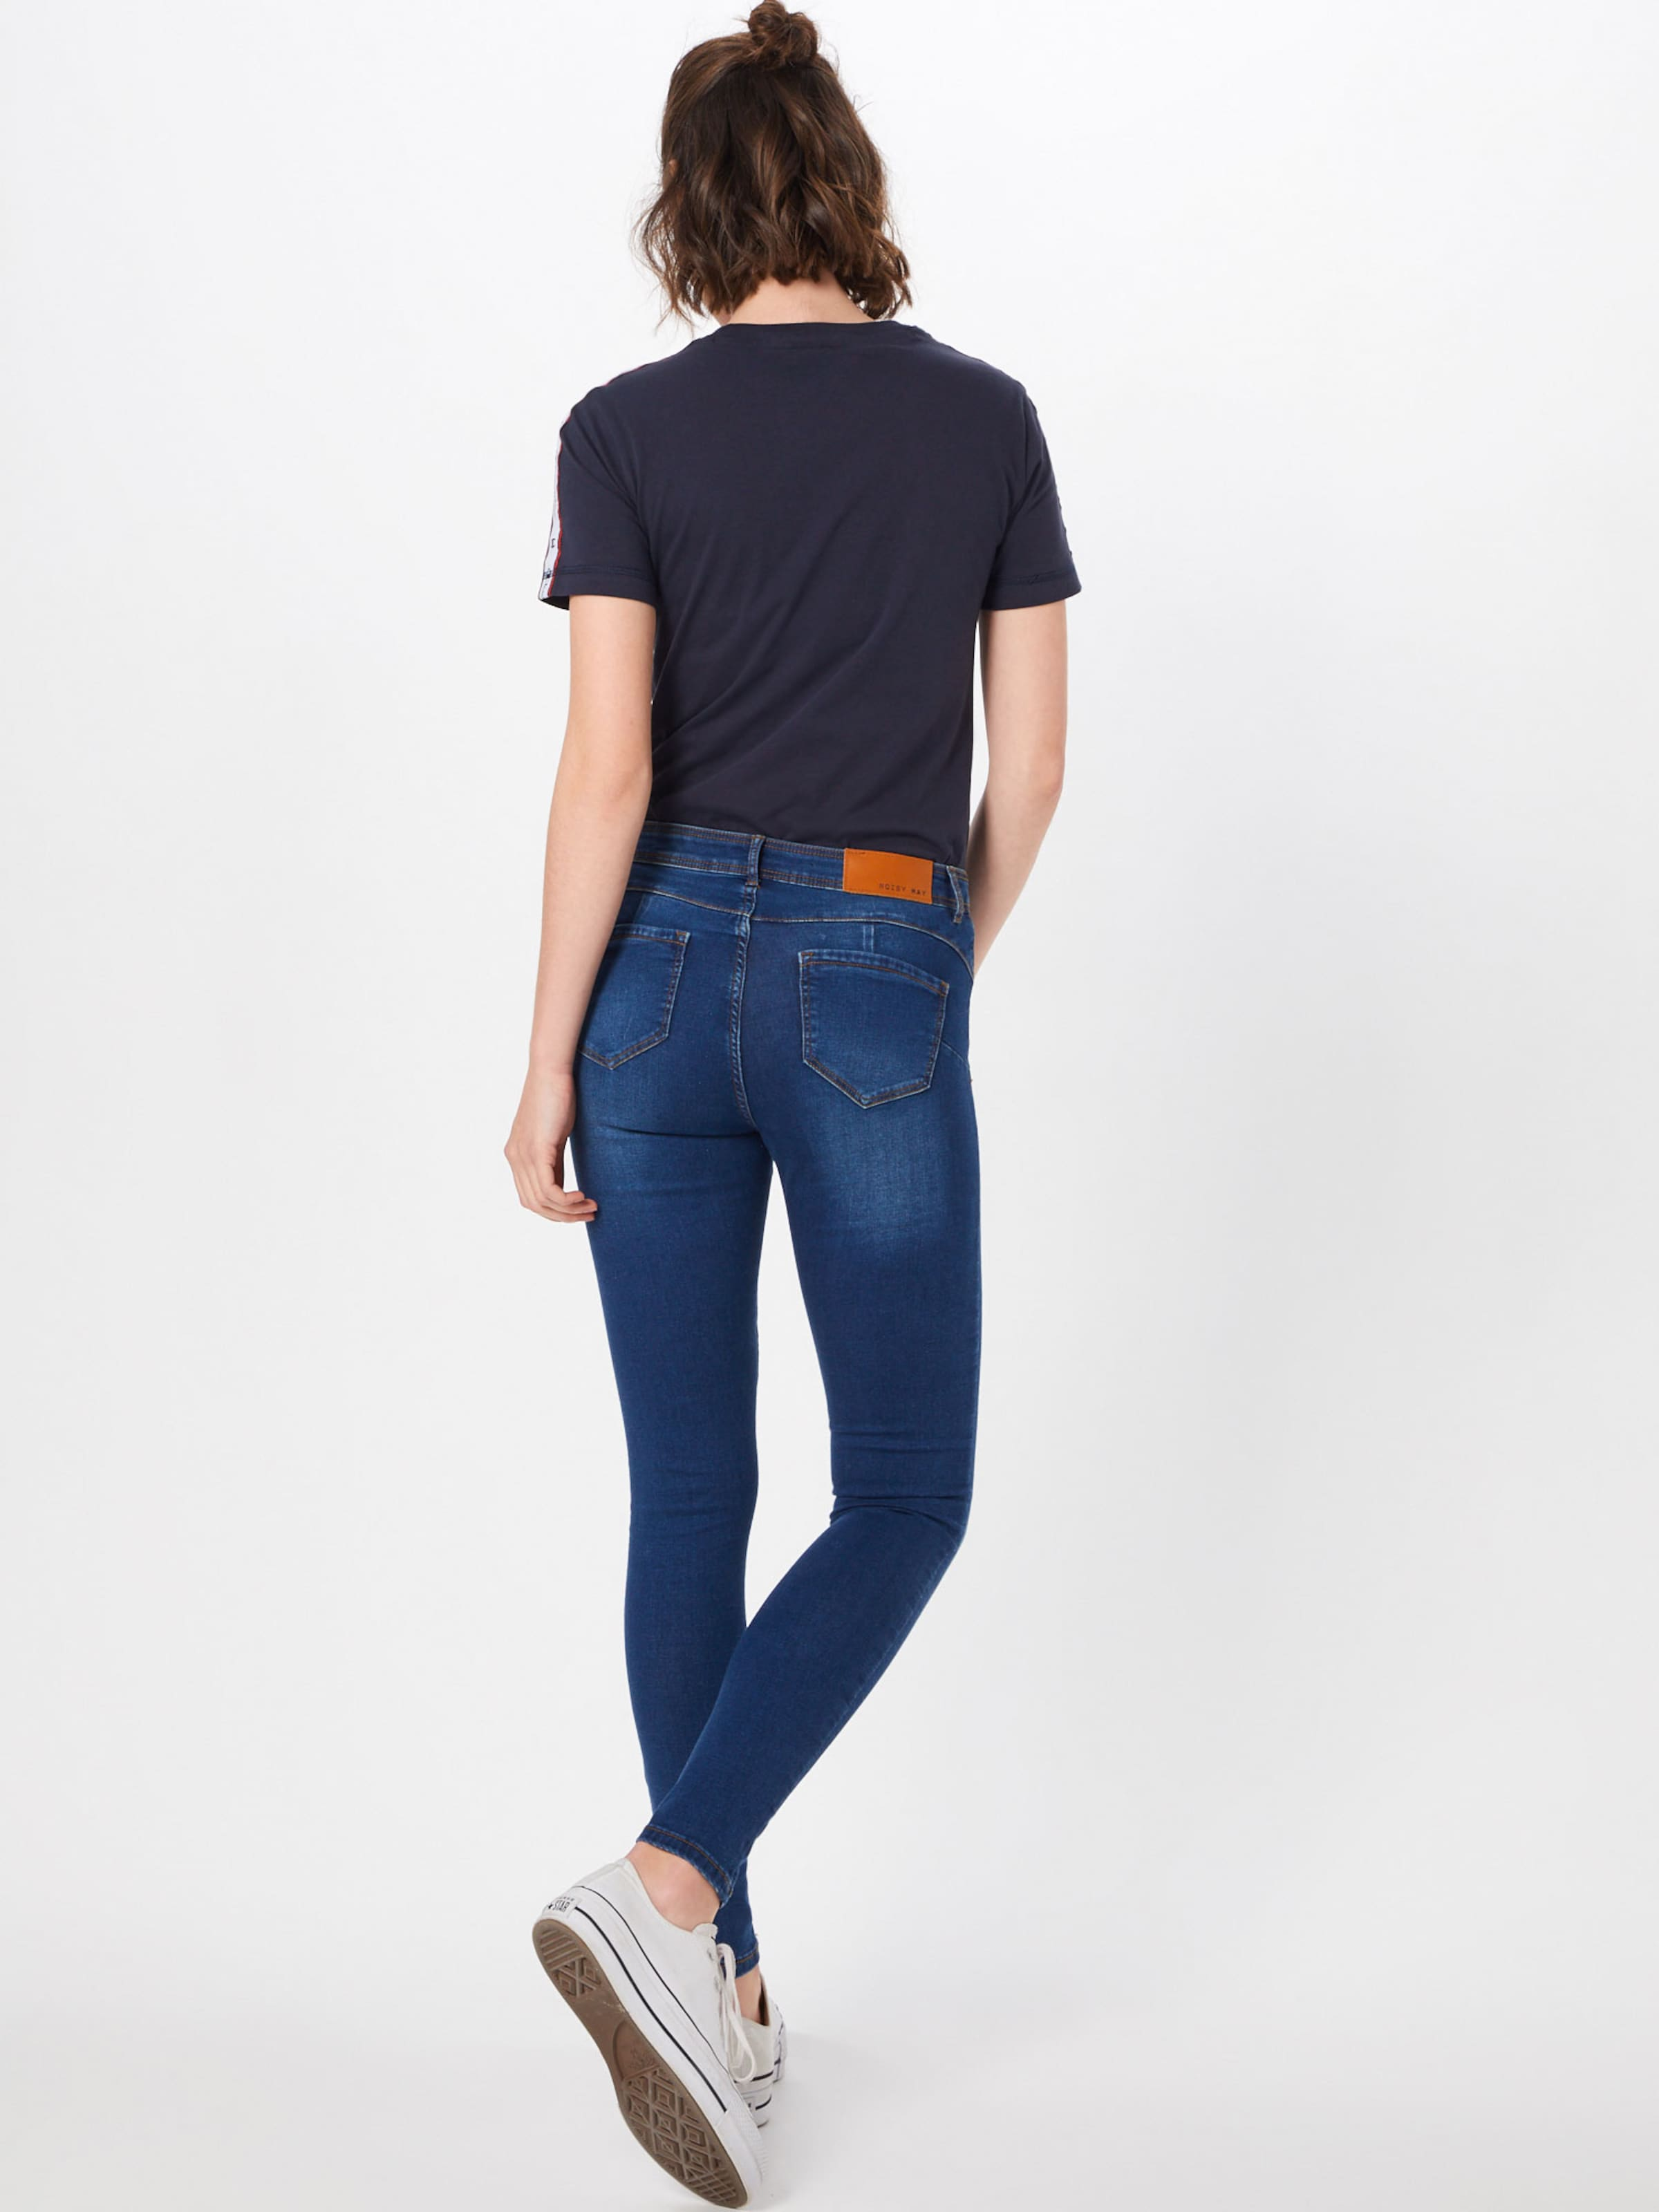 May Noisy 'jen' Denim In Blauw Jeans QxrCeWodB